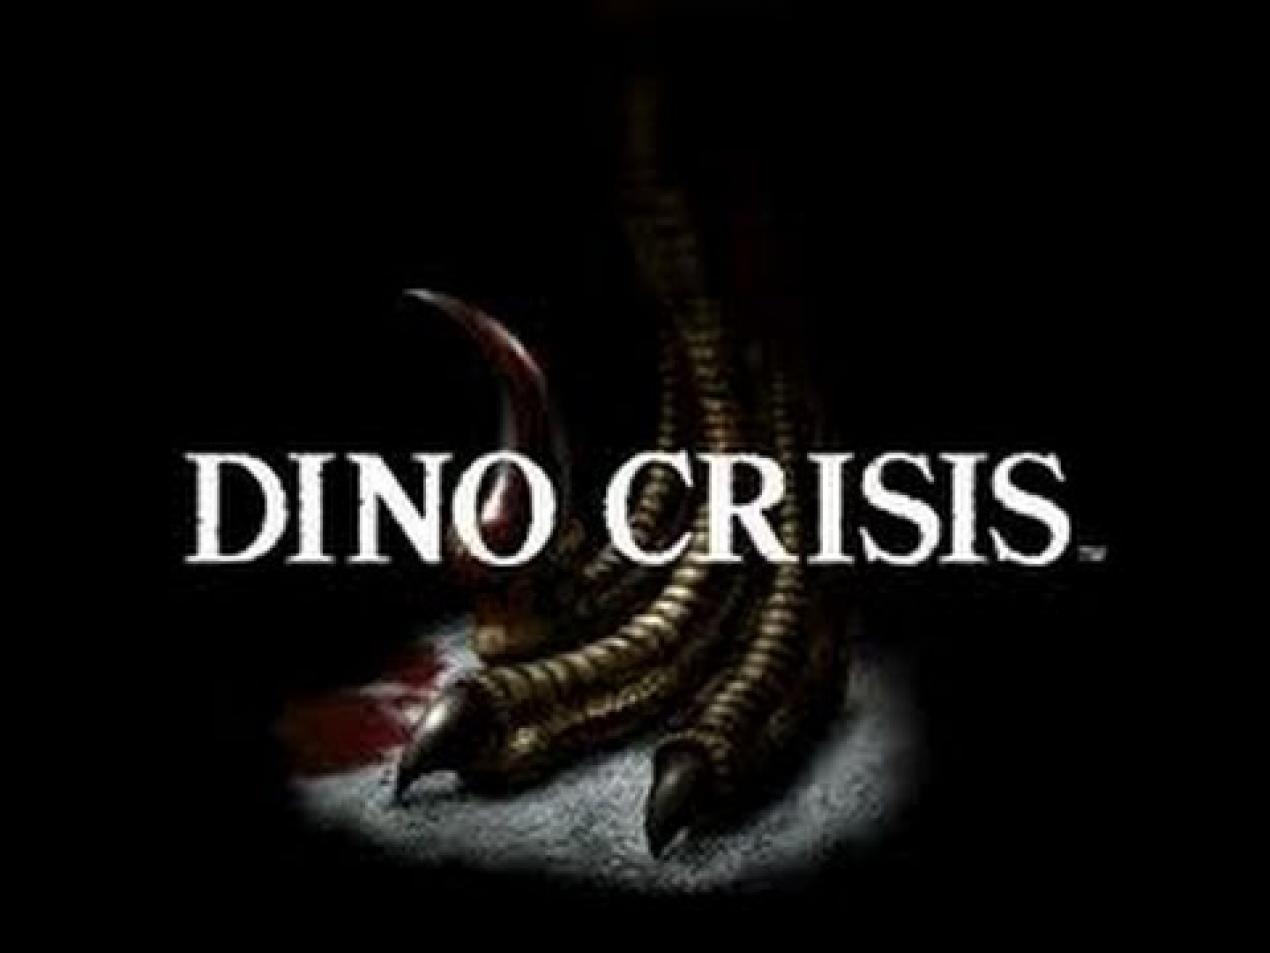 توئیت جدید Gamestop احتمالا به نسخهی جدید Dino Crisis اشاره میکند